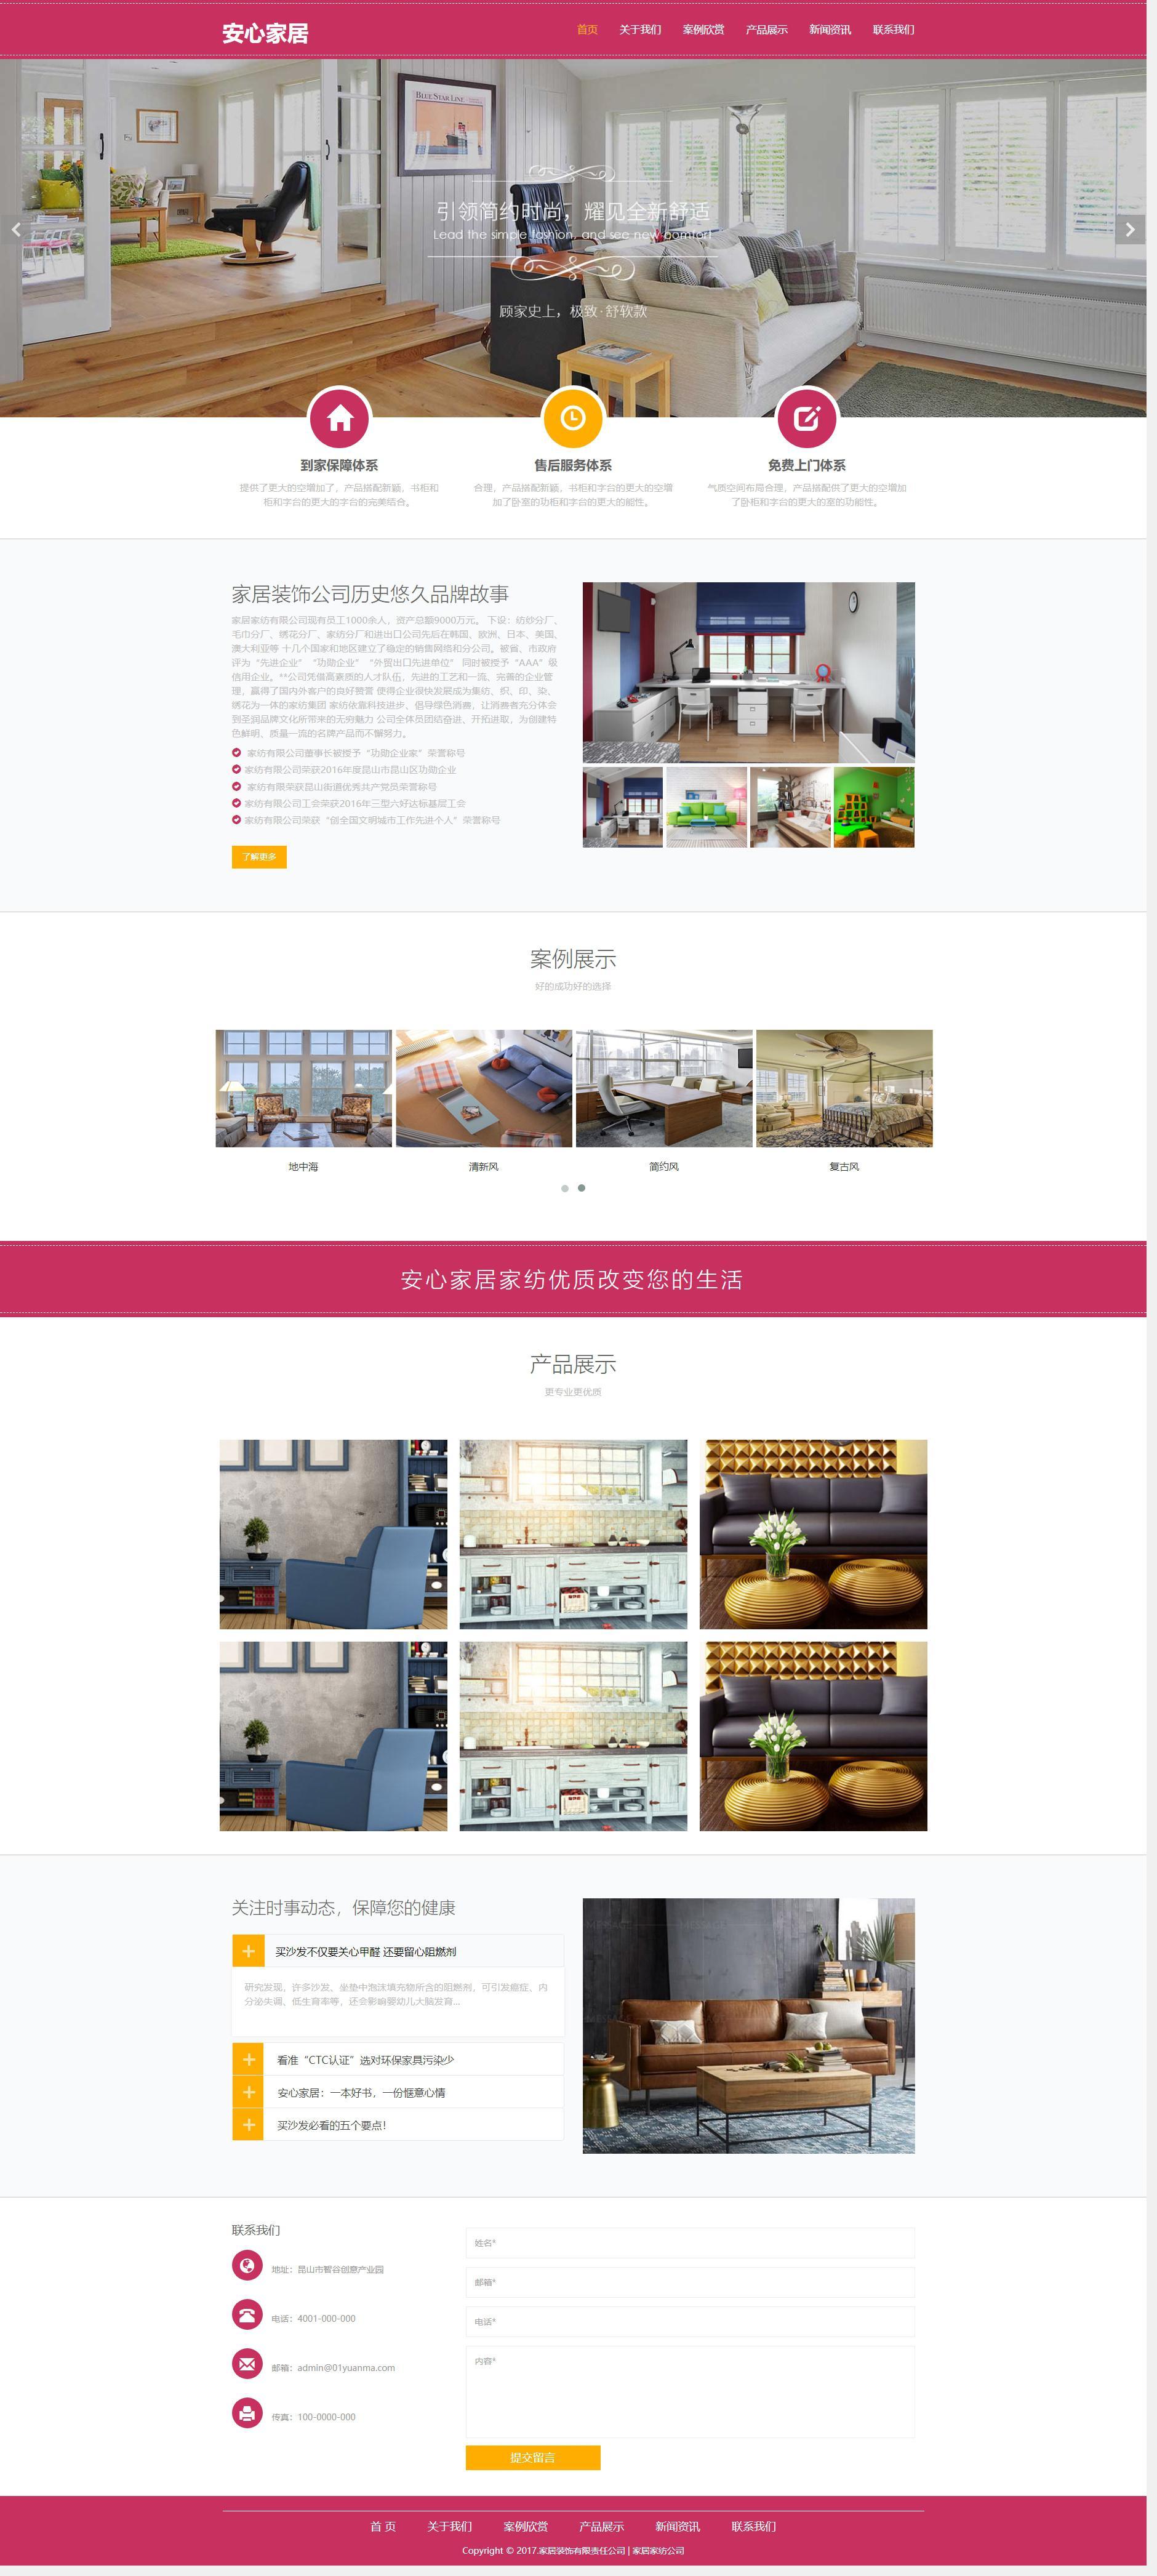 红色大气安心家居装饰公司网站html模板